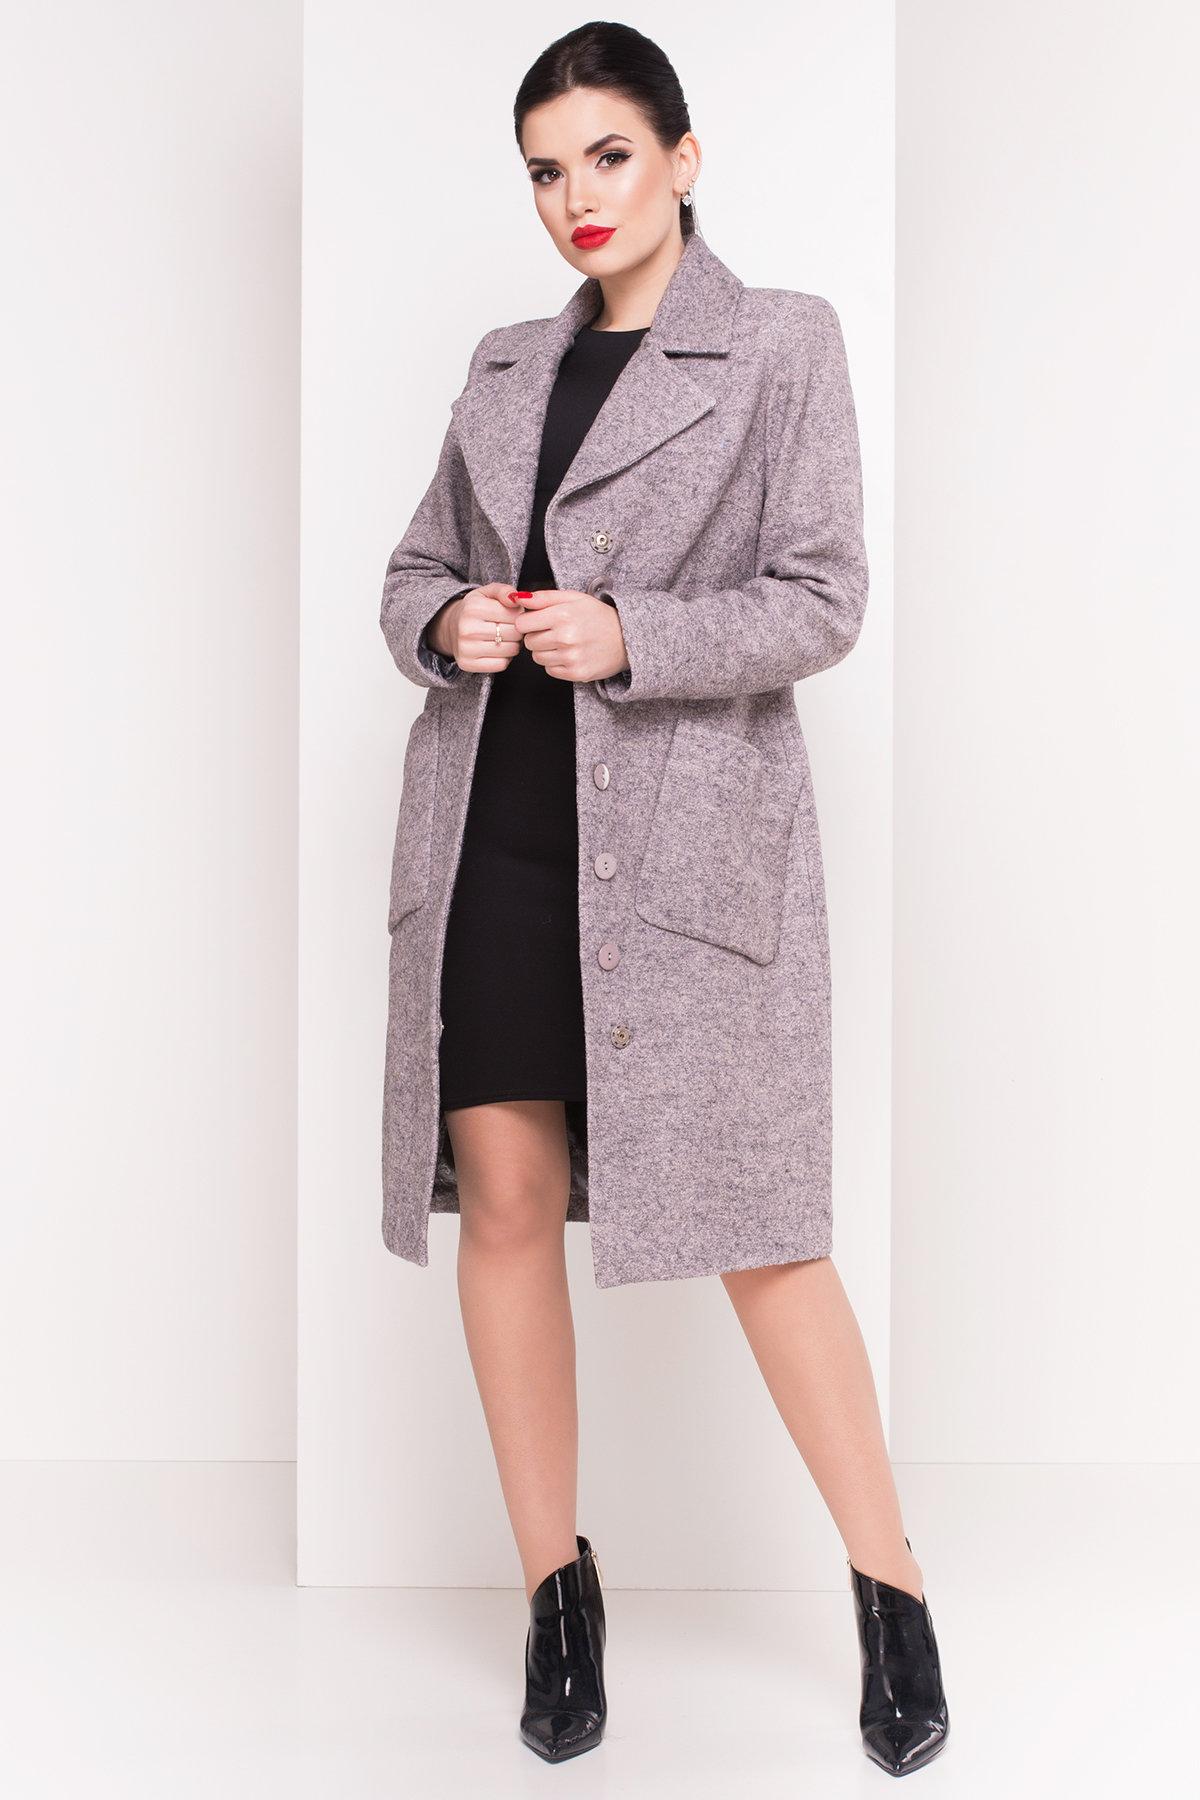 Пальто Габриэлла 4546 Цвет: Серый/розовый-LW25